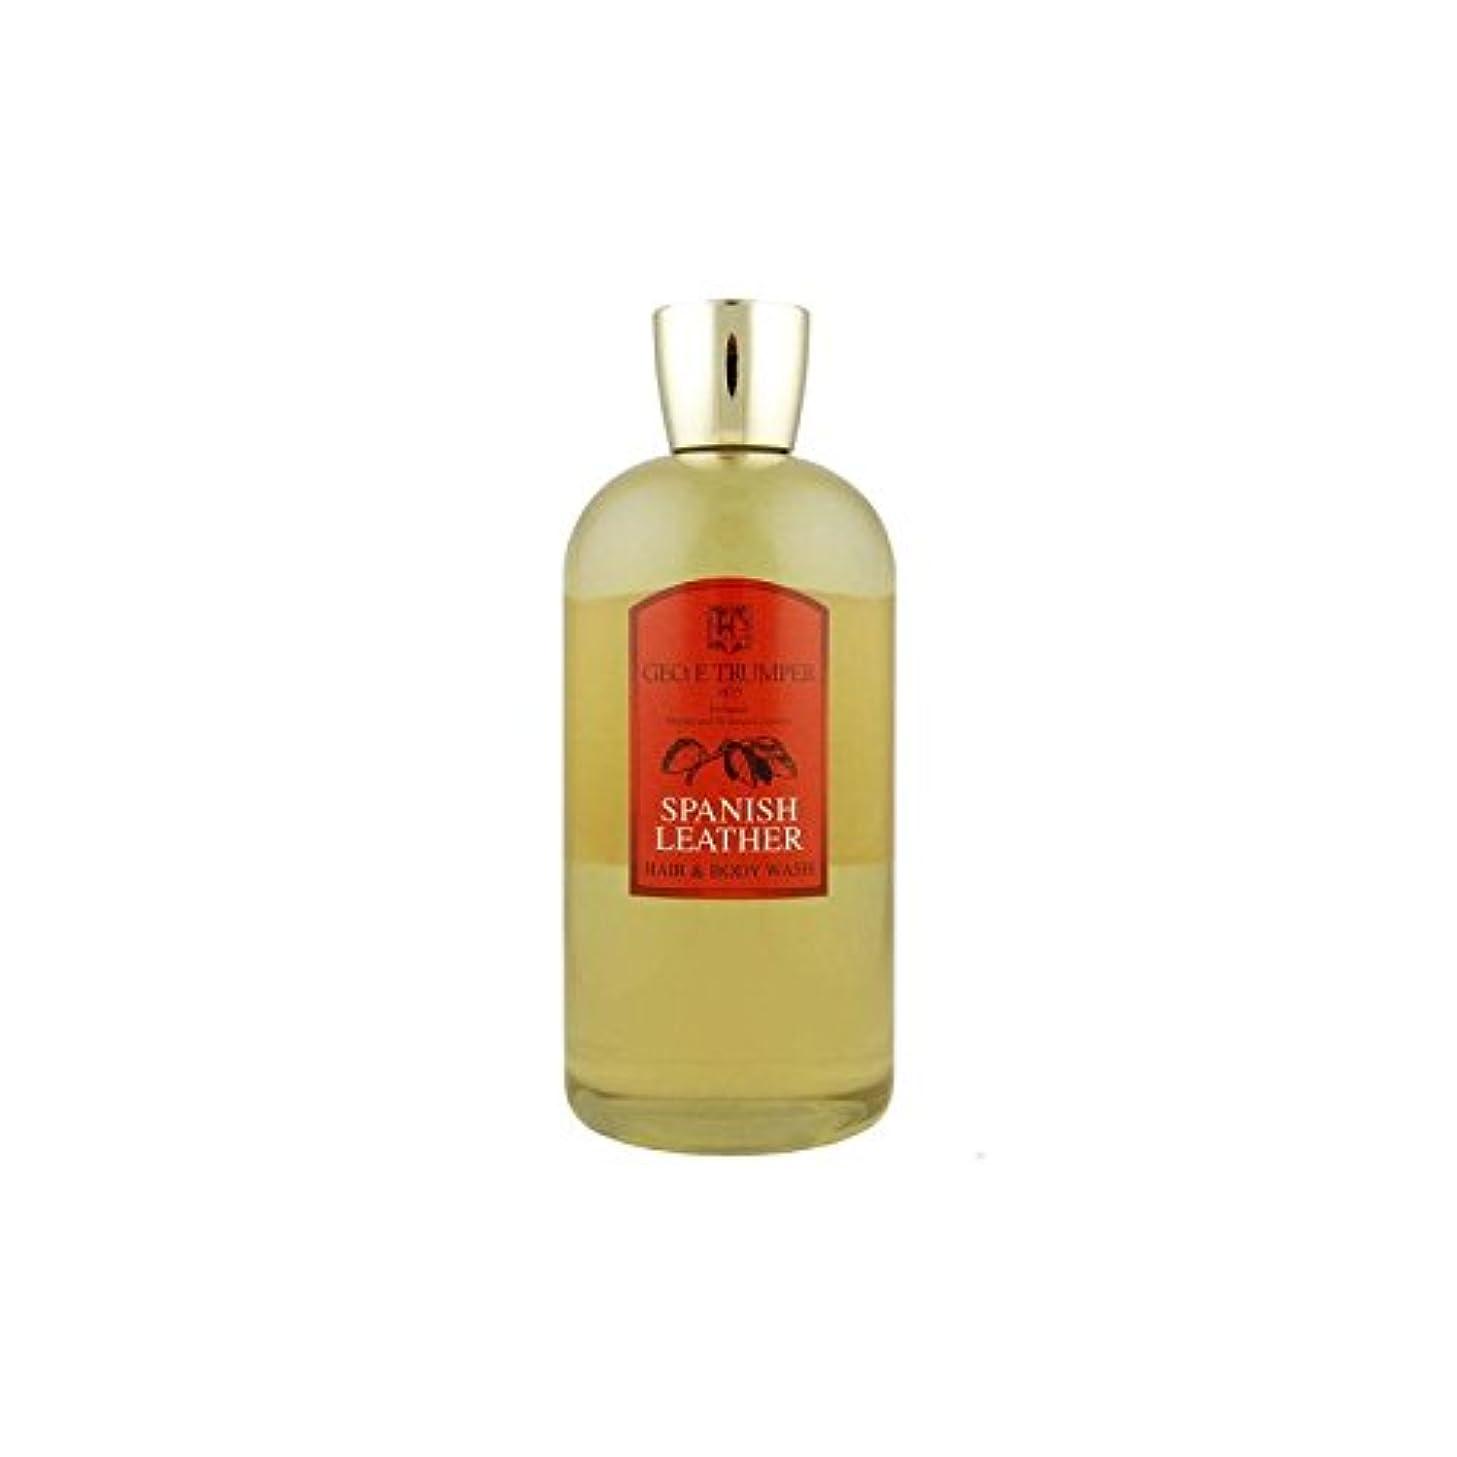 電信並外れて送金Trumpers Spanish Leather Hair and Body Wash - 500mlTravel Bottle (Pack of 6) - 革の髪とボディウォッシュスペイン語 - 500ボトル x6 [...